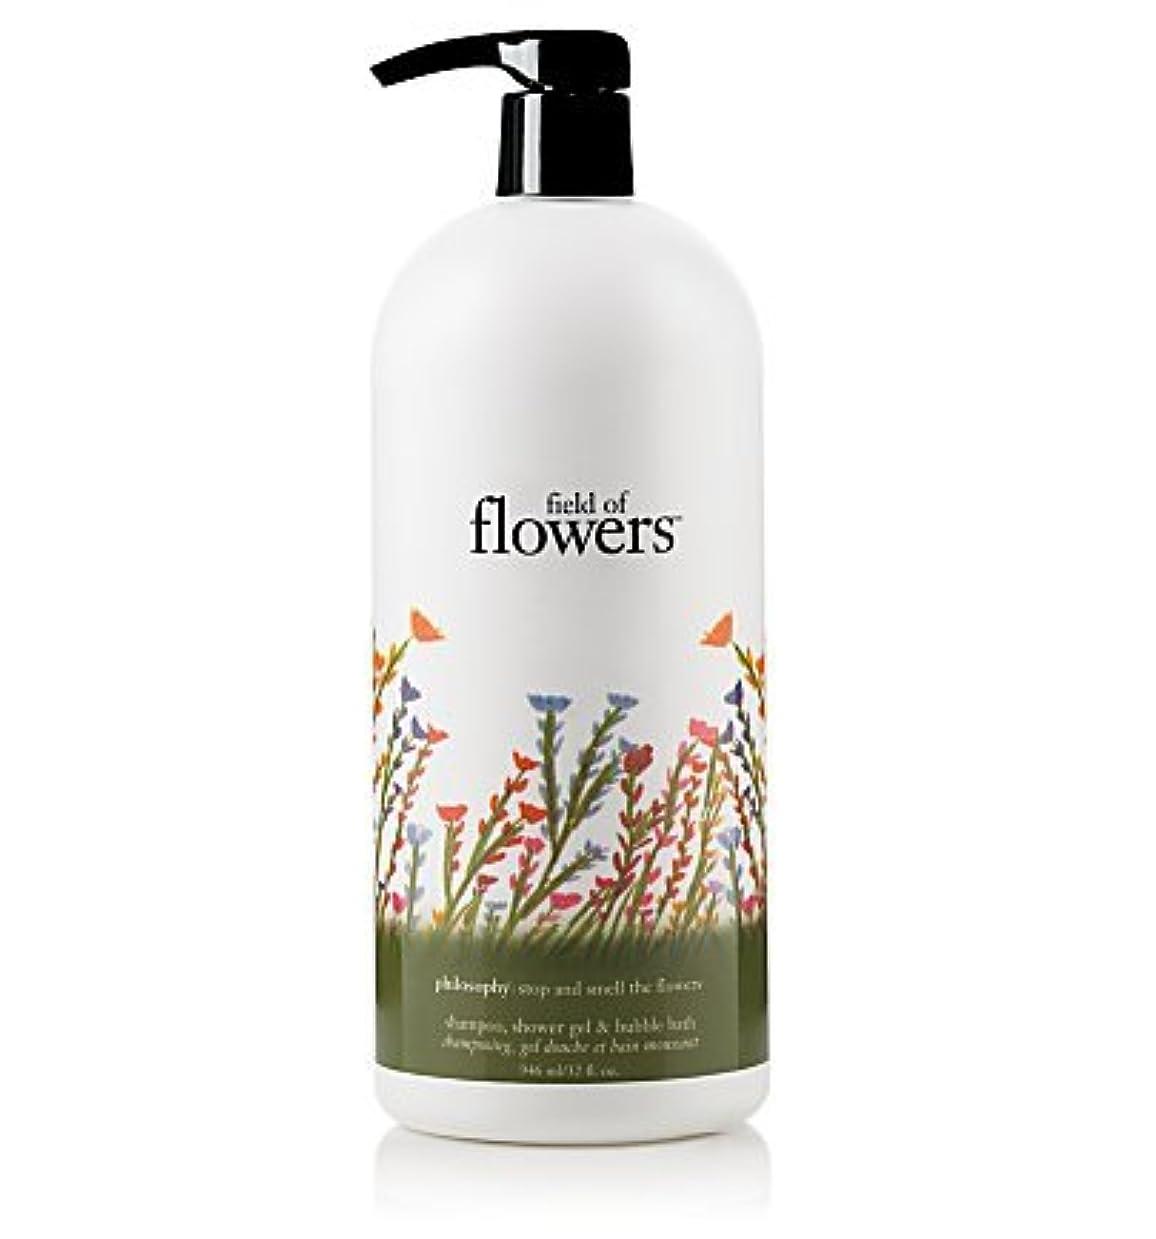 field of flowers (フィールド オブ フラワーズ) 32.0 oz (960ml) shampoo, shower gel & bubble bath for Women